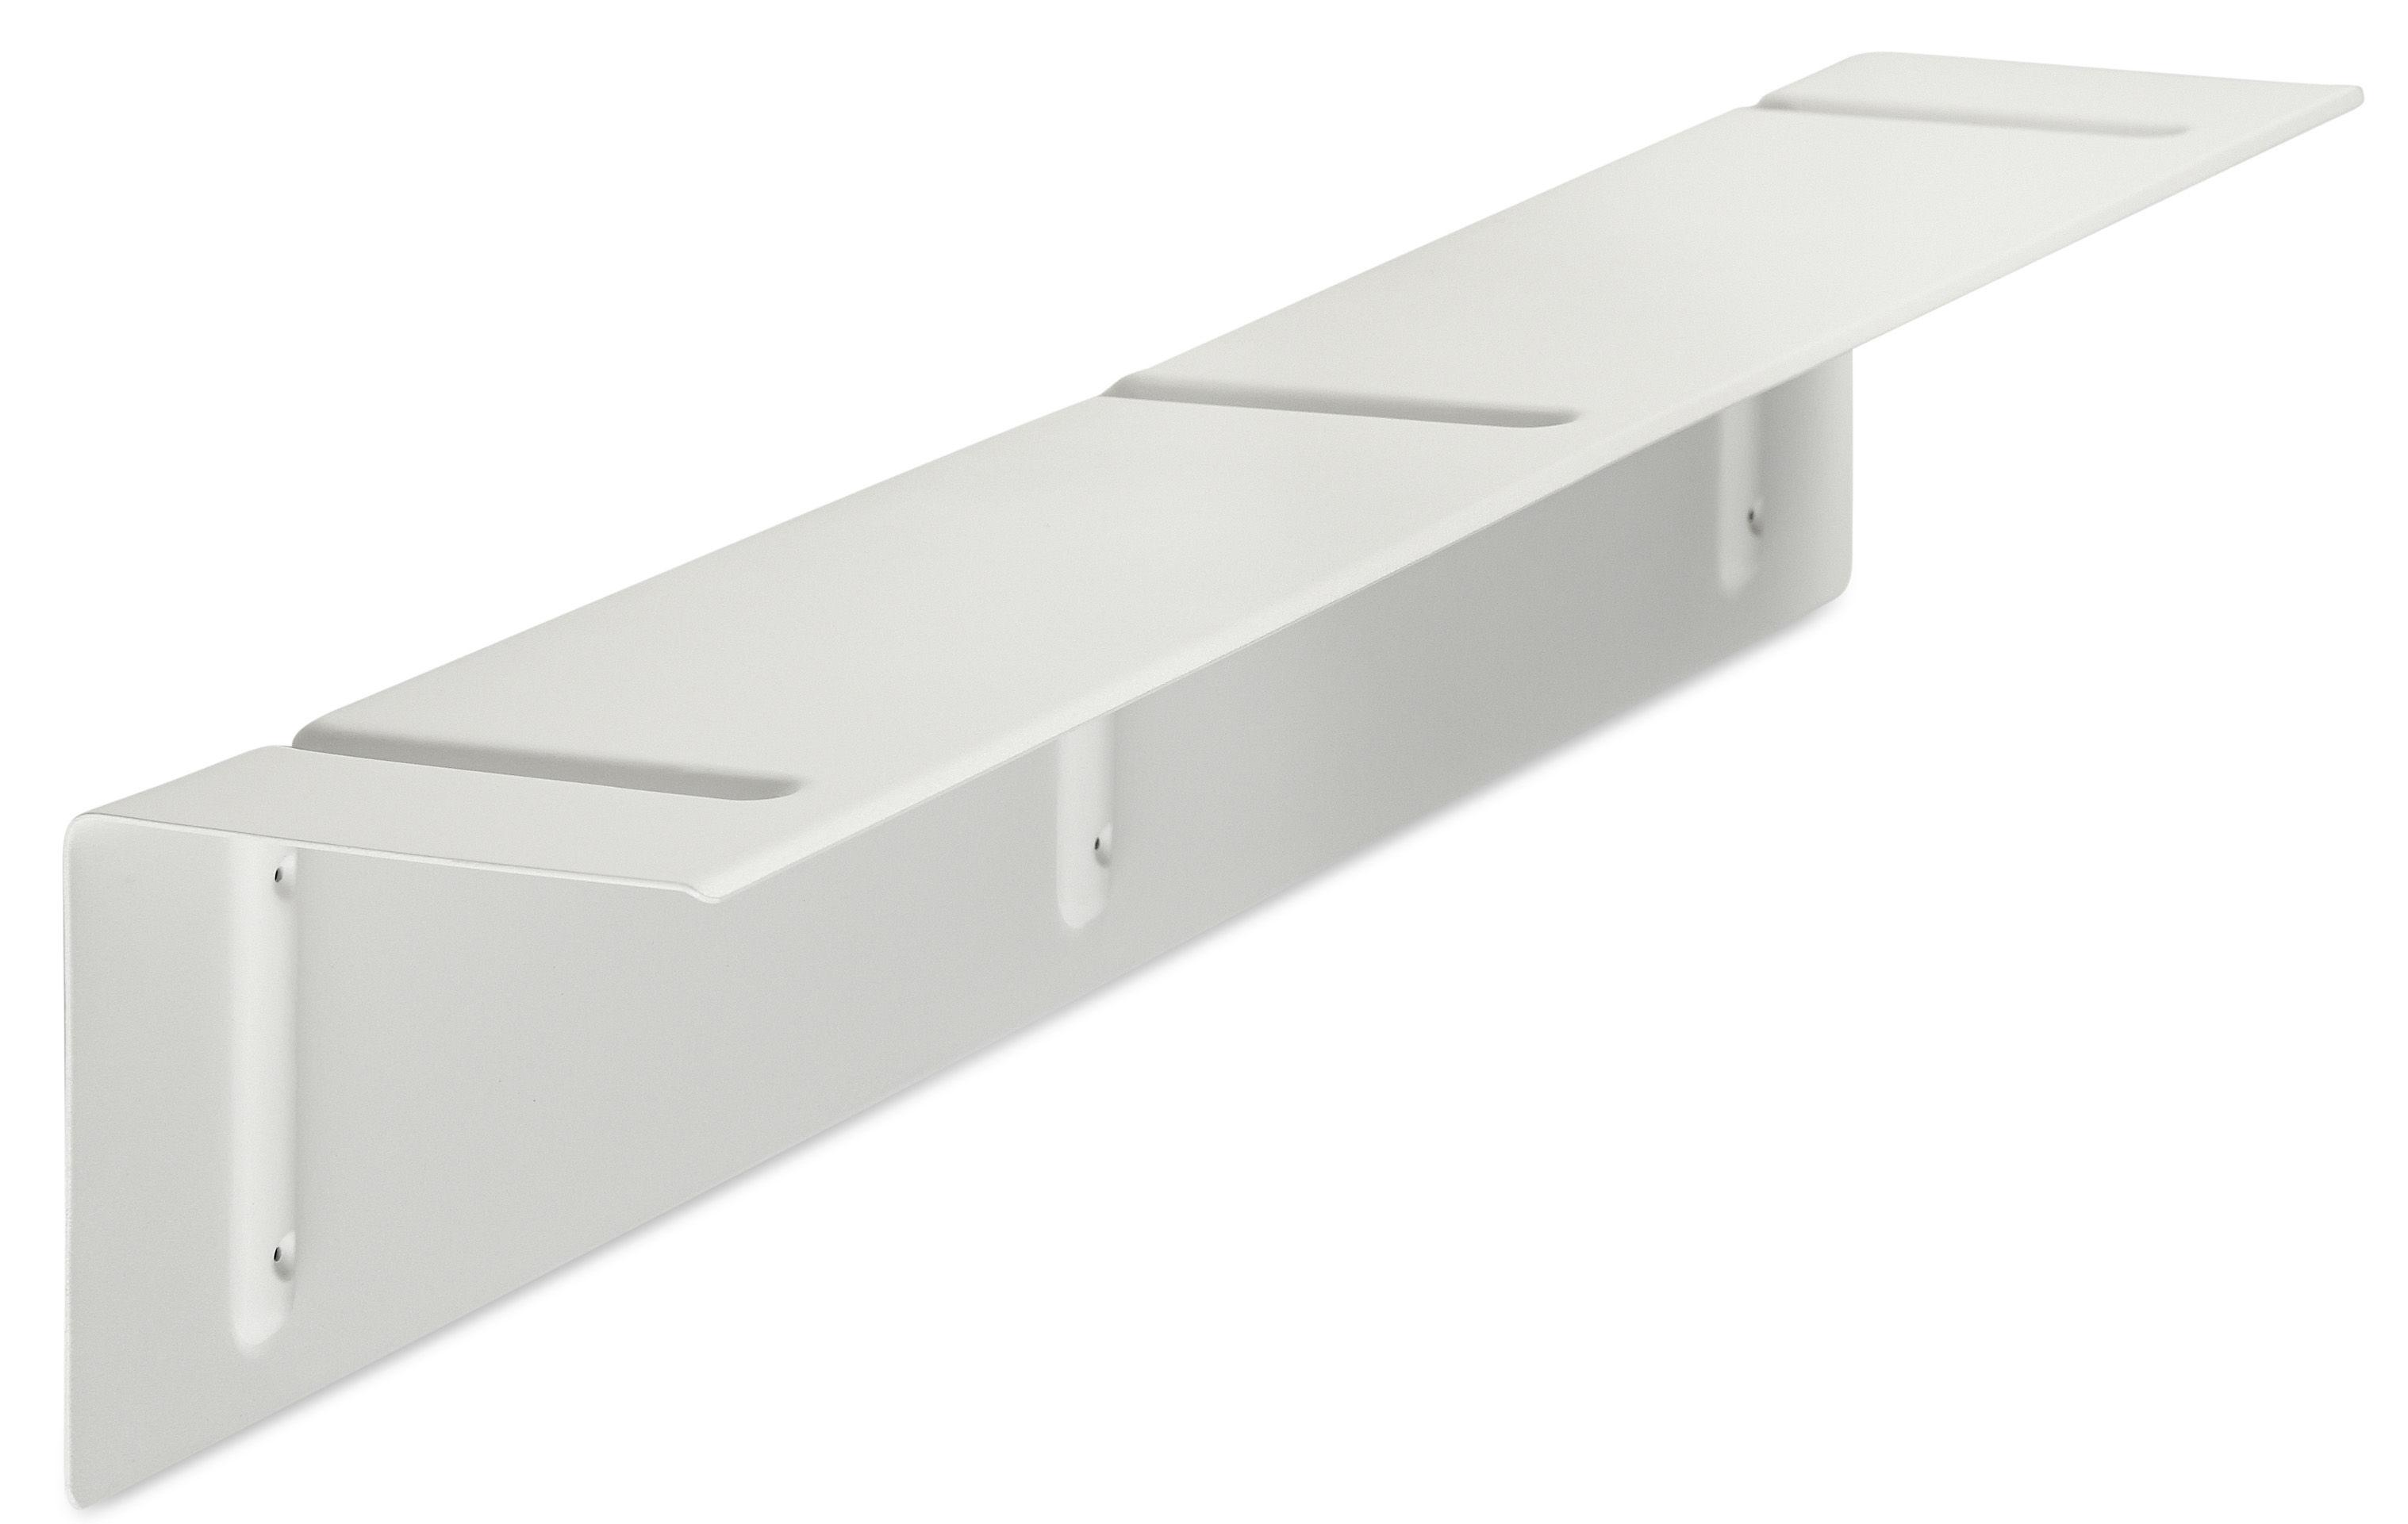 Mobilier - Etagères & bibliothèques - Etagère Brackets Included / L 120 cm - Hay - Blanc - Acier laqué